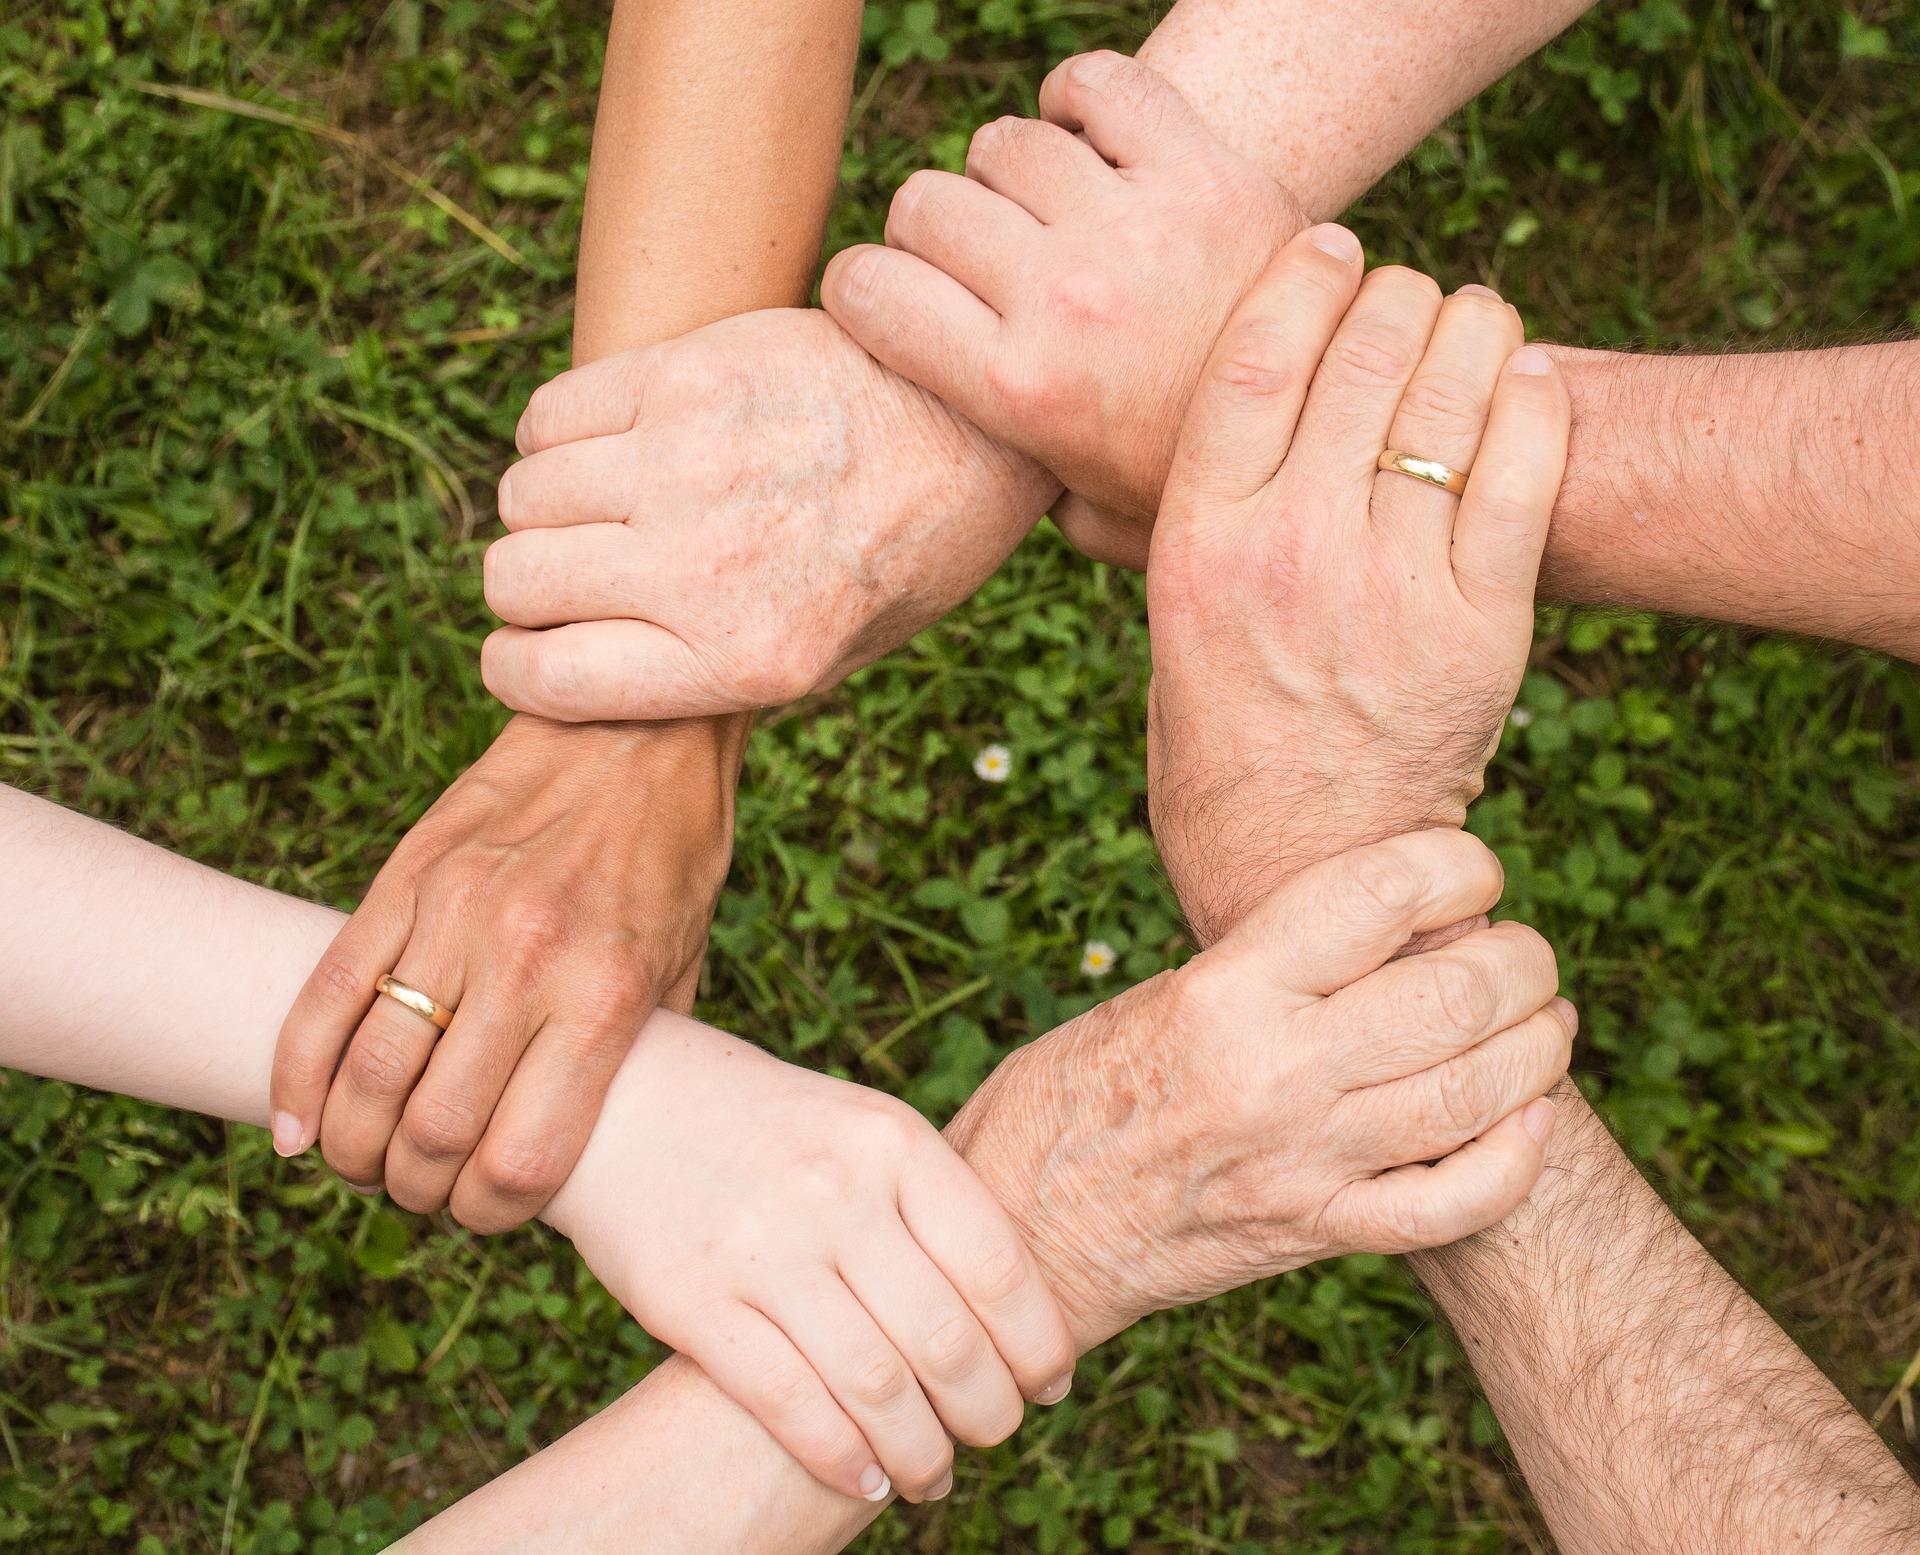 Samenwerken en motivatie zijn essentieel bij deze patiënten!